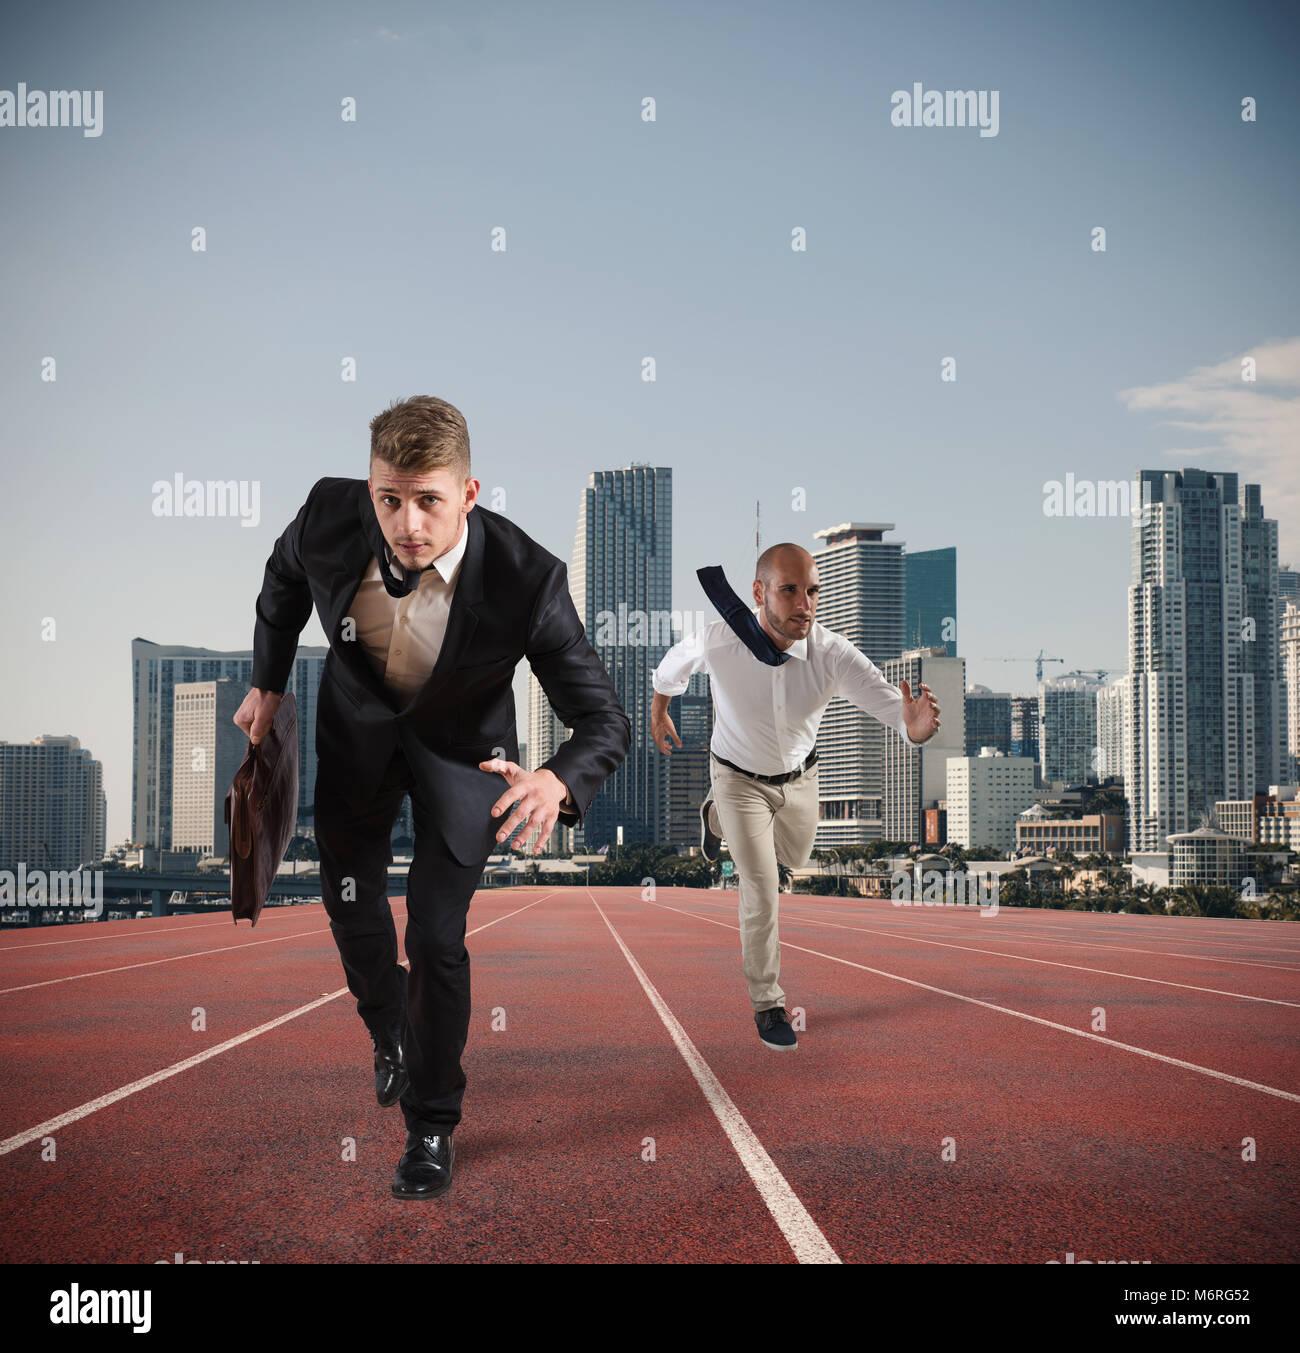 Imprenditore agisce come un runner. La concorrenza e la sfida nel concetto di business Immagini Stock